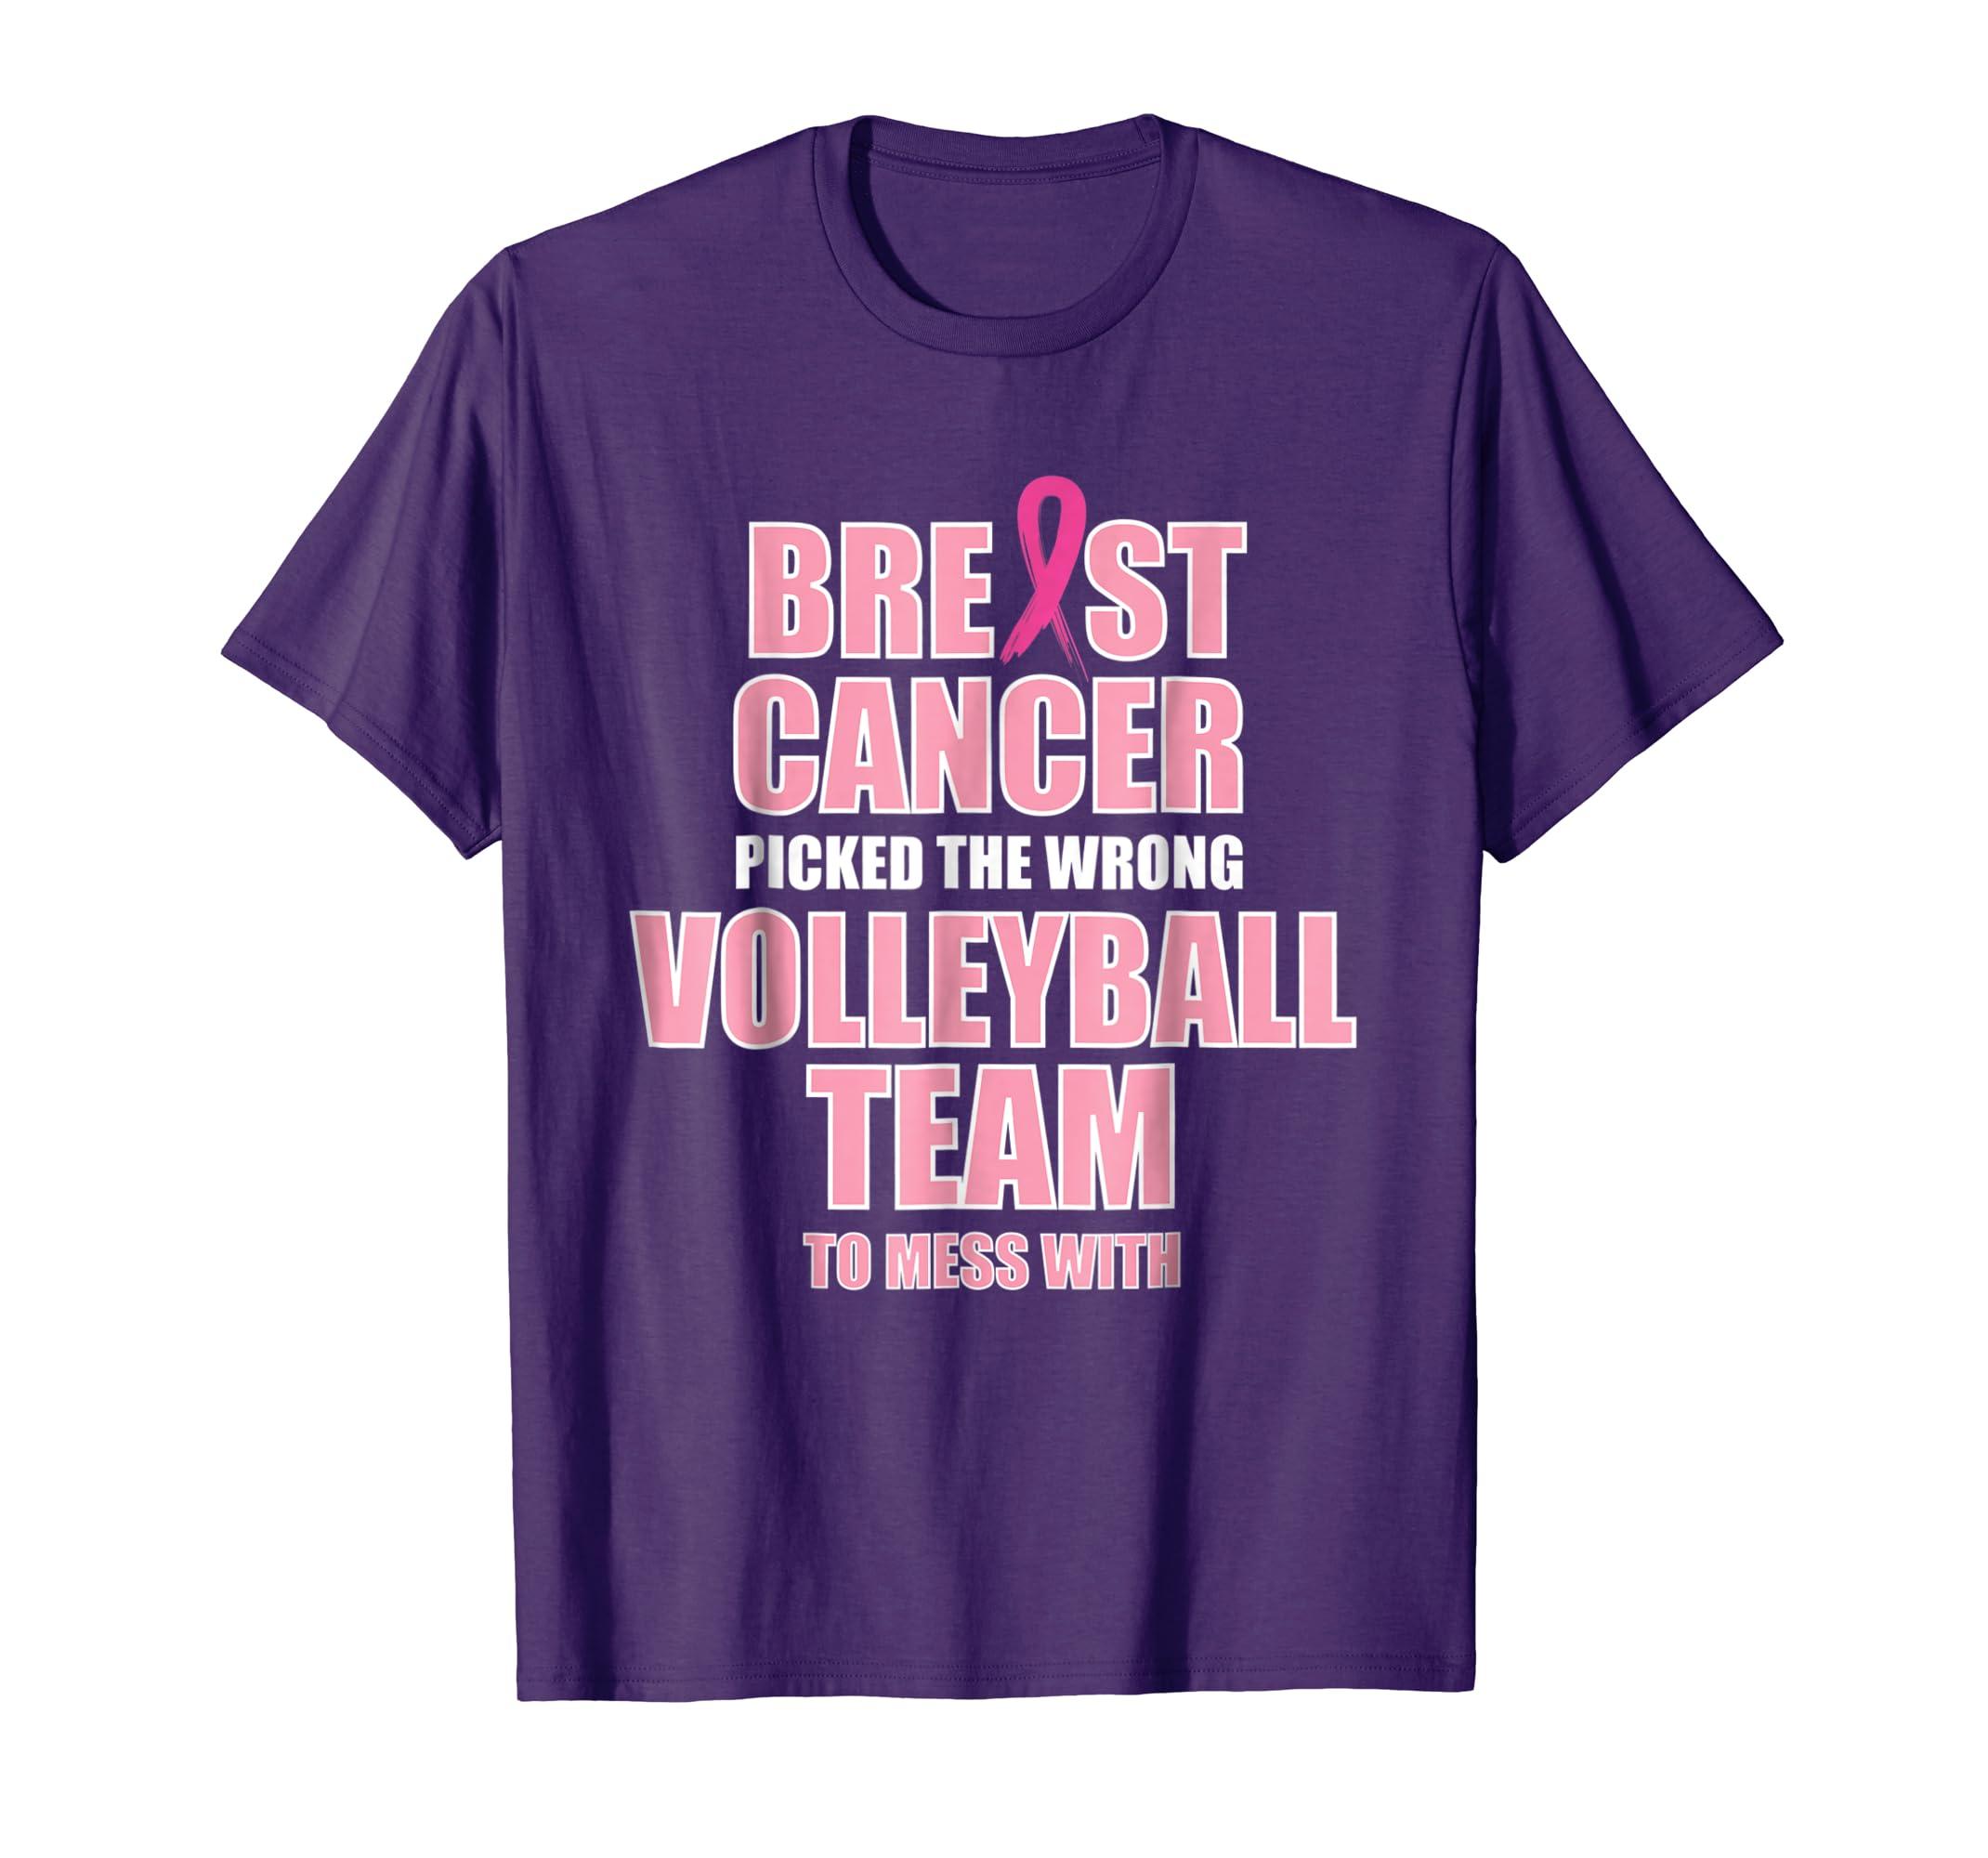 Breast Cancer Awareness Volleyball Team Matching T shirt-ln